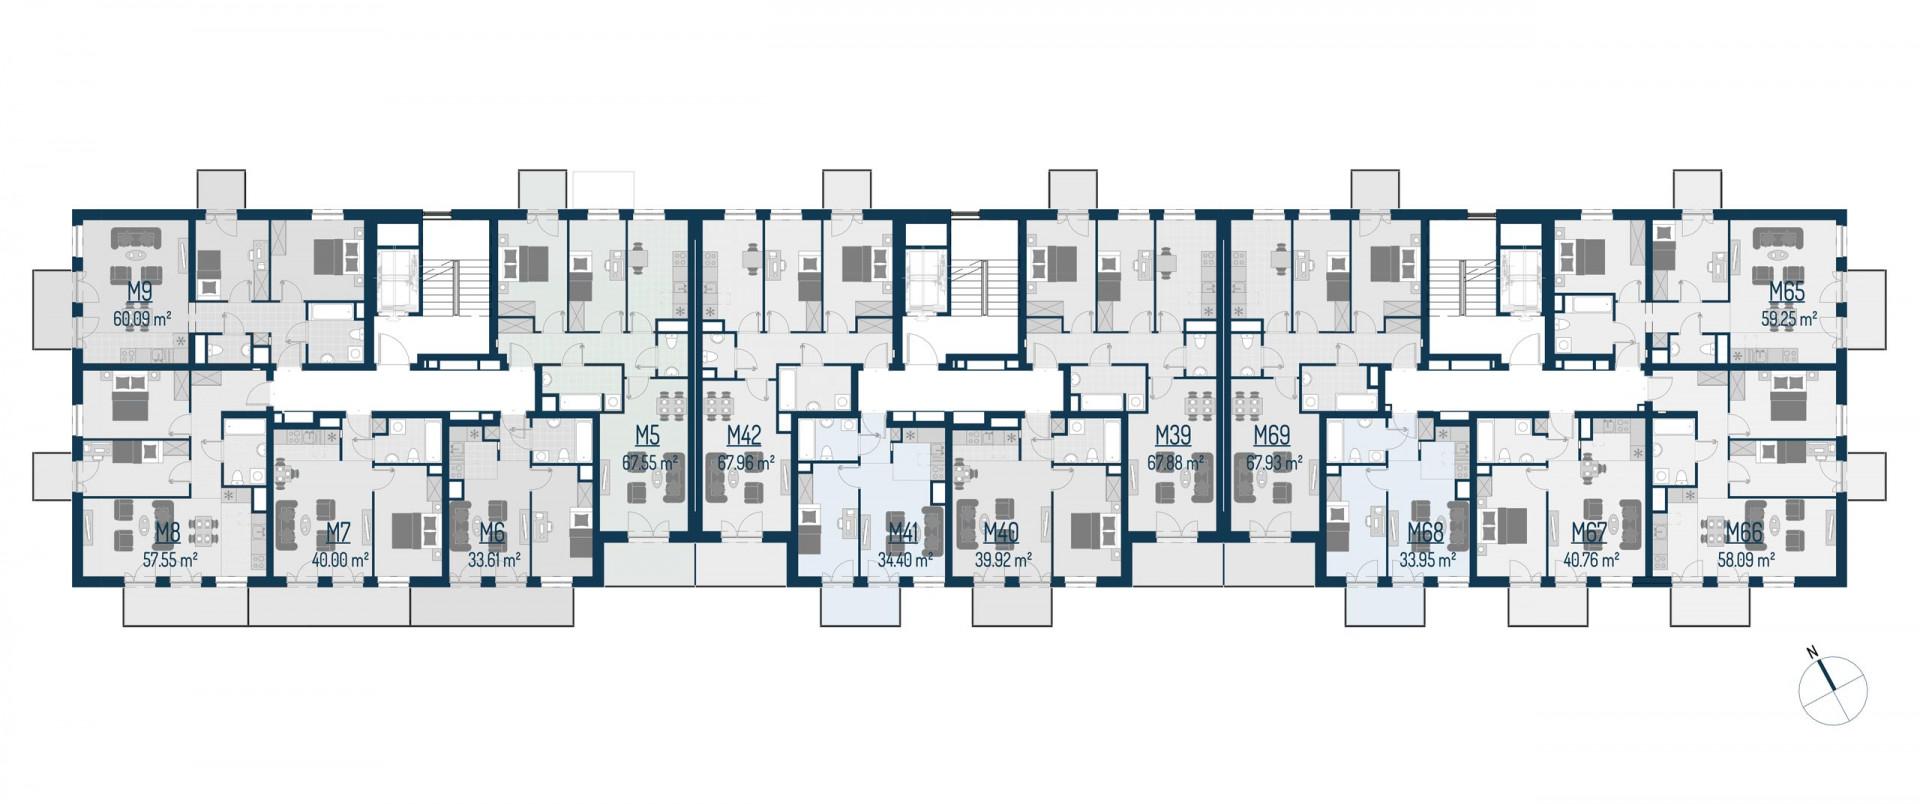 Zdrowe Stylove / budynek 1 / mieszkanie nr M42 rzut 2